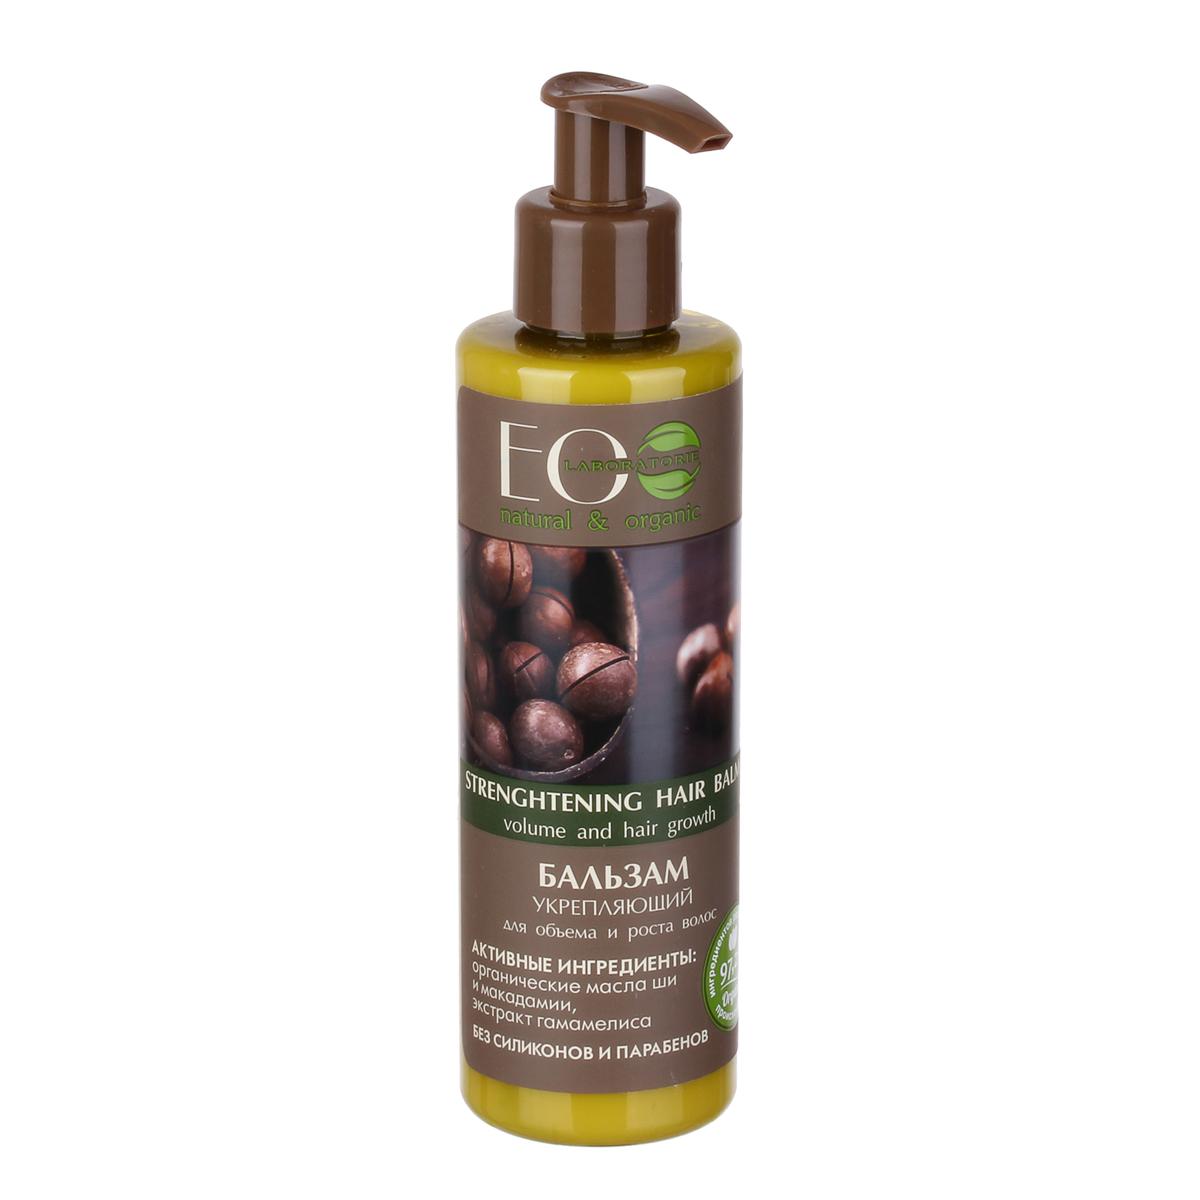 EcoLab ЭкоЛаб Бальзам Укрепляющий 200 мл4627089430403Интенсивно ухаживает за волосами, разглаживает их по всей длине, возвращает природную красоту и здоровый блеск. Активизирует обменные процессы в клетках кожи головы, укрепляет от корней до кончиков, способствует росту новых волос. Активные ингредиенты: органическое масло макадамии, органический экстракт гамамелиса, органическое масло ши.